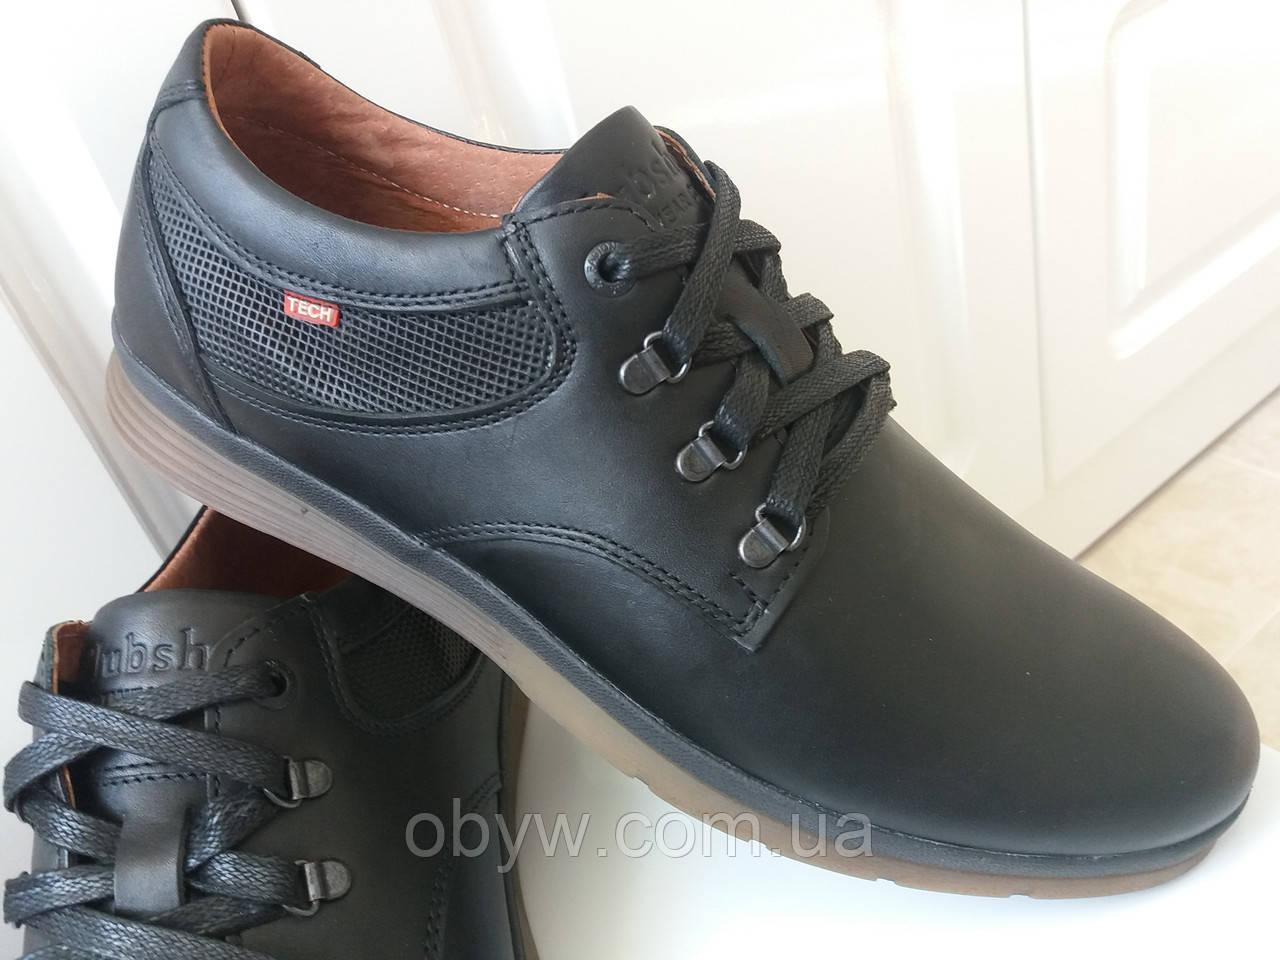 627a6dcda Польские туфли мужские осенние кожаные - Весь ассортимент в нашем магазине  в наличии. в Днепре